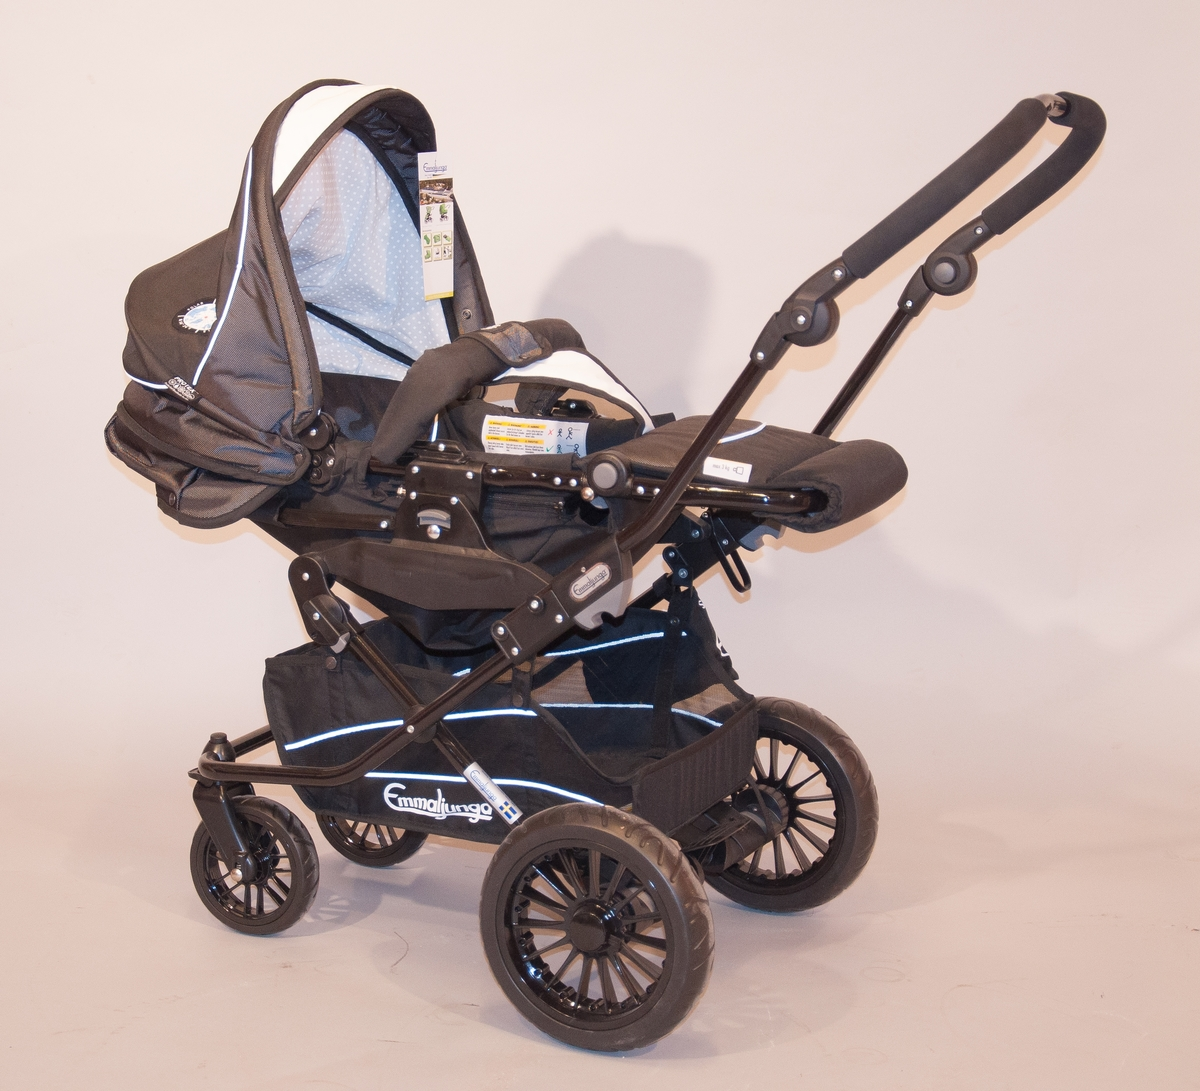 Barnvagn Emmaljunga modell Ozone city.   Chassi av svartlackerad aluminium/plast, med svängbara framhjul och inkapslad kugghjulsbroms på bakhjulen. Punkteringsfria hjul med kullagrade nav. Sits och sufflett i vattenavvisande tyg, regnskydd medföljer vagnen. Sitsen är vändbar. Reflexband i vagnens sömmar. Styret är ställbart för att anpassas efter längden hos den som kör.  Vagnens bredd är 57 cm, vikten på chassi 6 kg och totalvikten i grundutförande 11,3 kg. Det finns 16 färger att välja på, exempelvis Happy Pink, Pro Bordeaux, Black, Pro Coffee, PP Black/Red, PP Navy/White. Denna vagn har färgen Black.